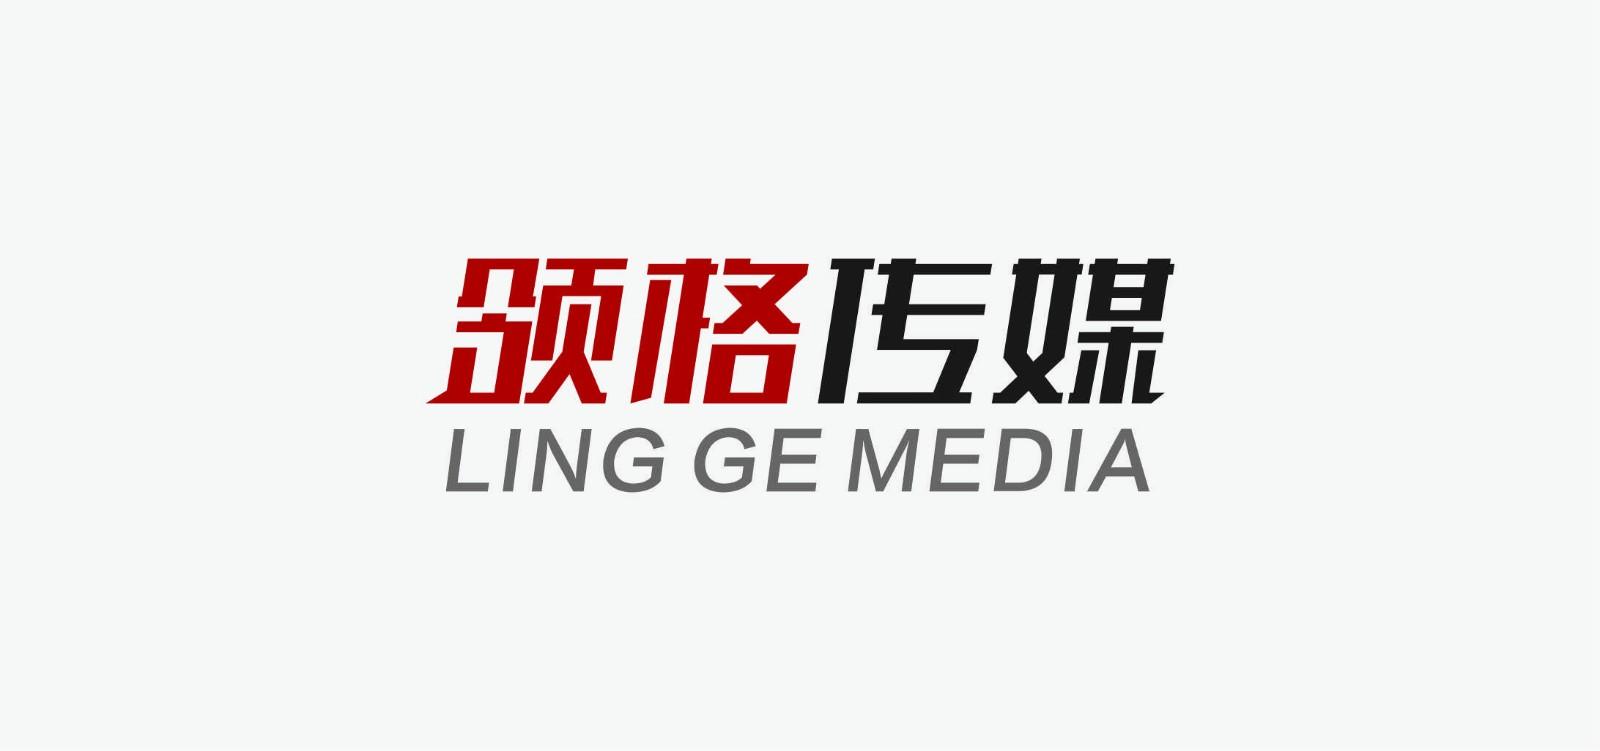 中山市领格文化传媒有限公司(20190304)